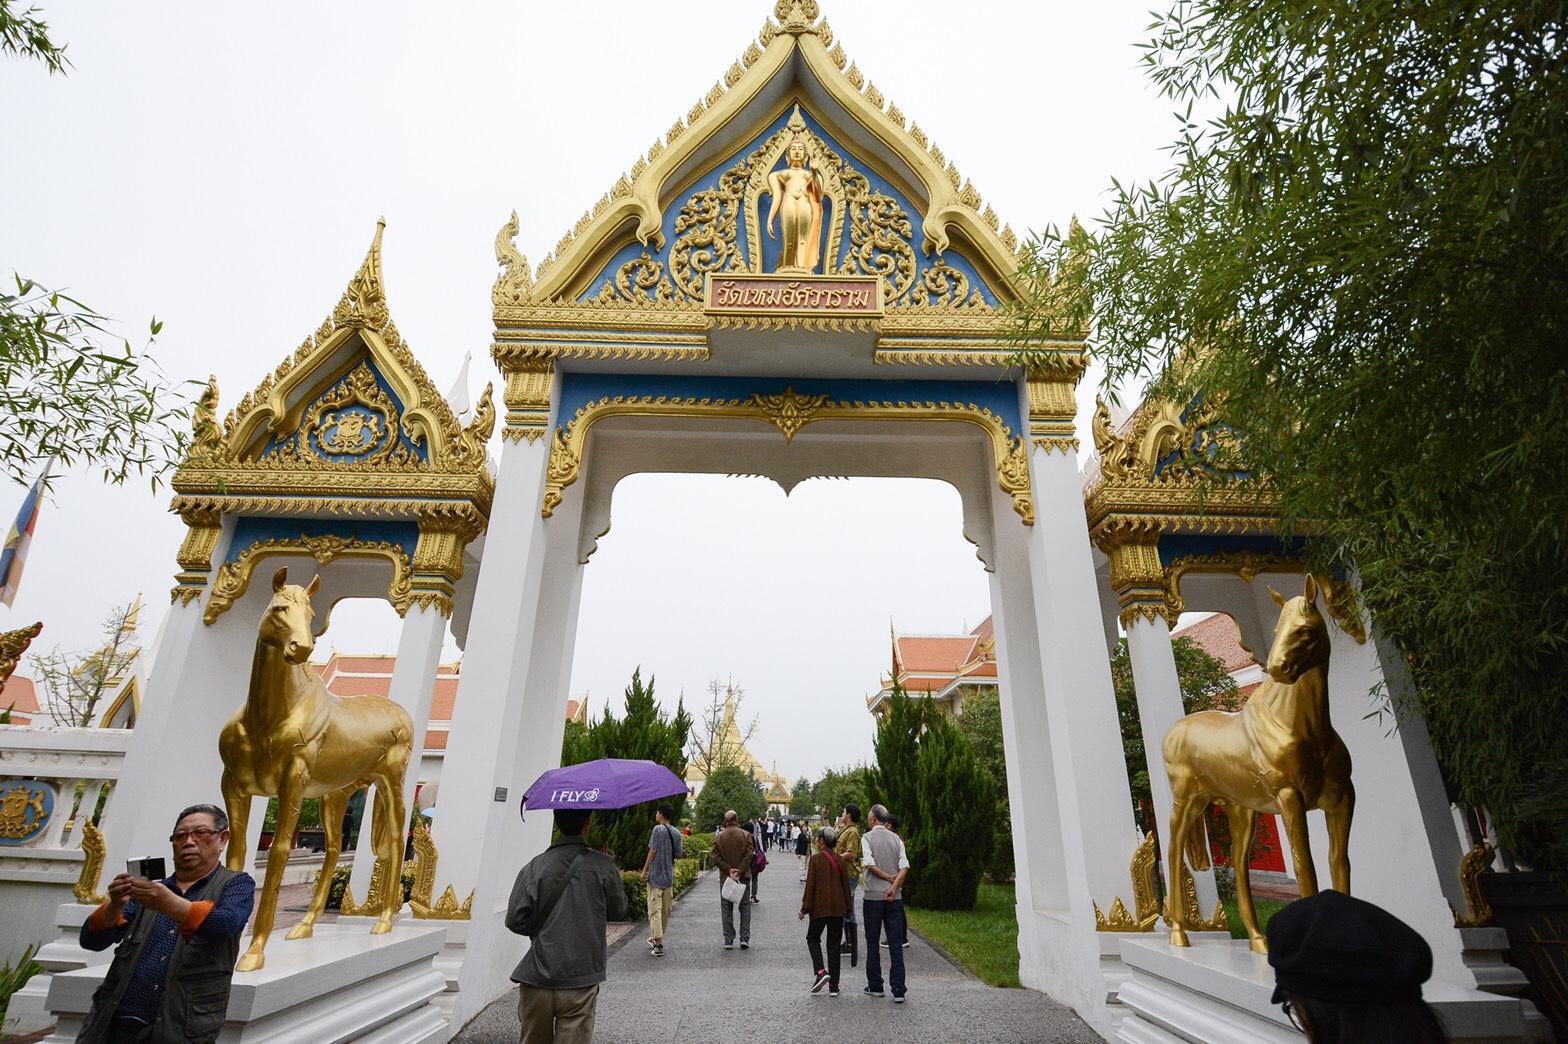 """ชม """"วัดเหมอัศวราช"""" วัดไทยในจีน   วัดนี้ที่ """"วัฒนา อัศวเหม"""" ทุ่มทุนสร้าง"""